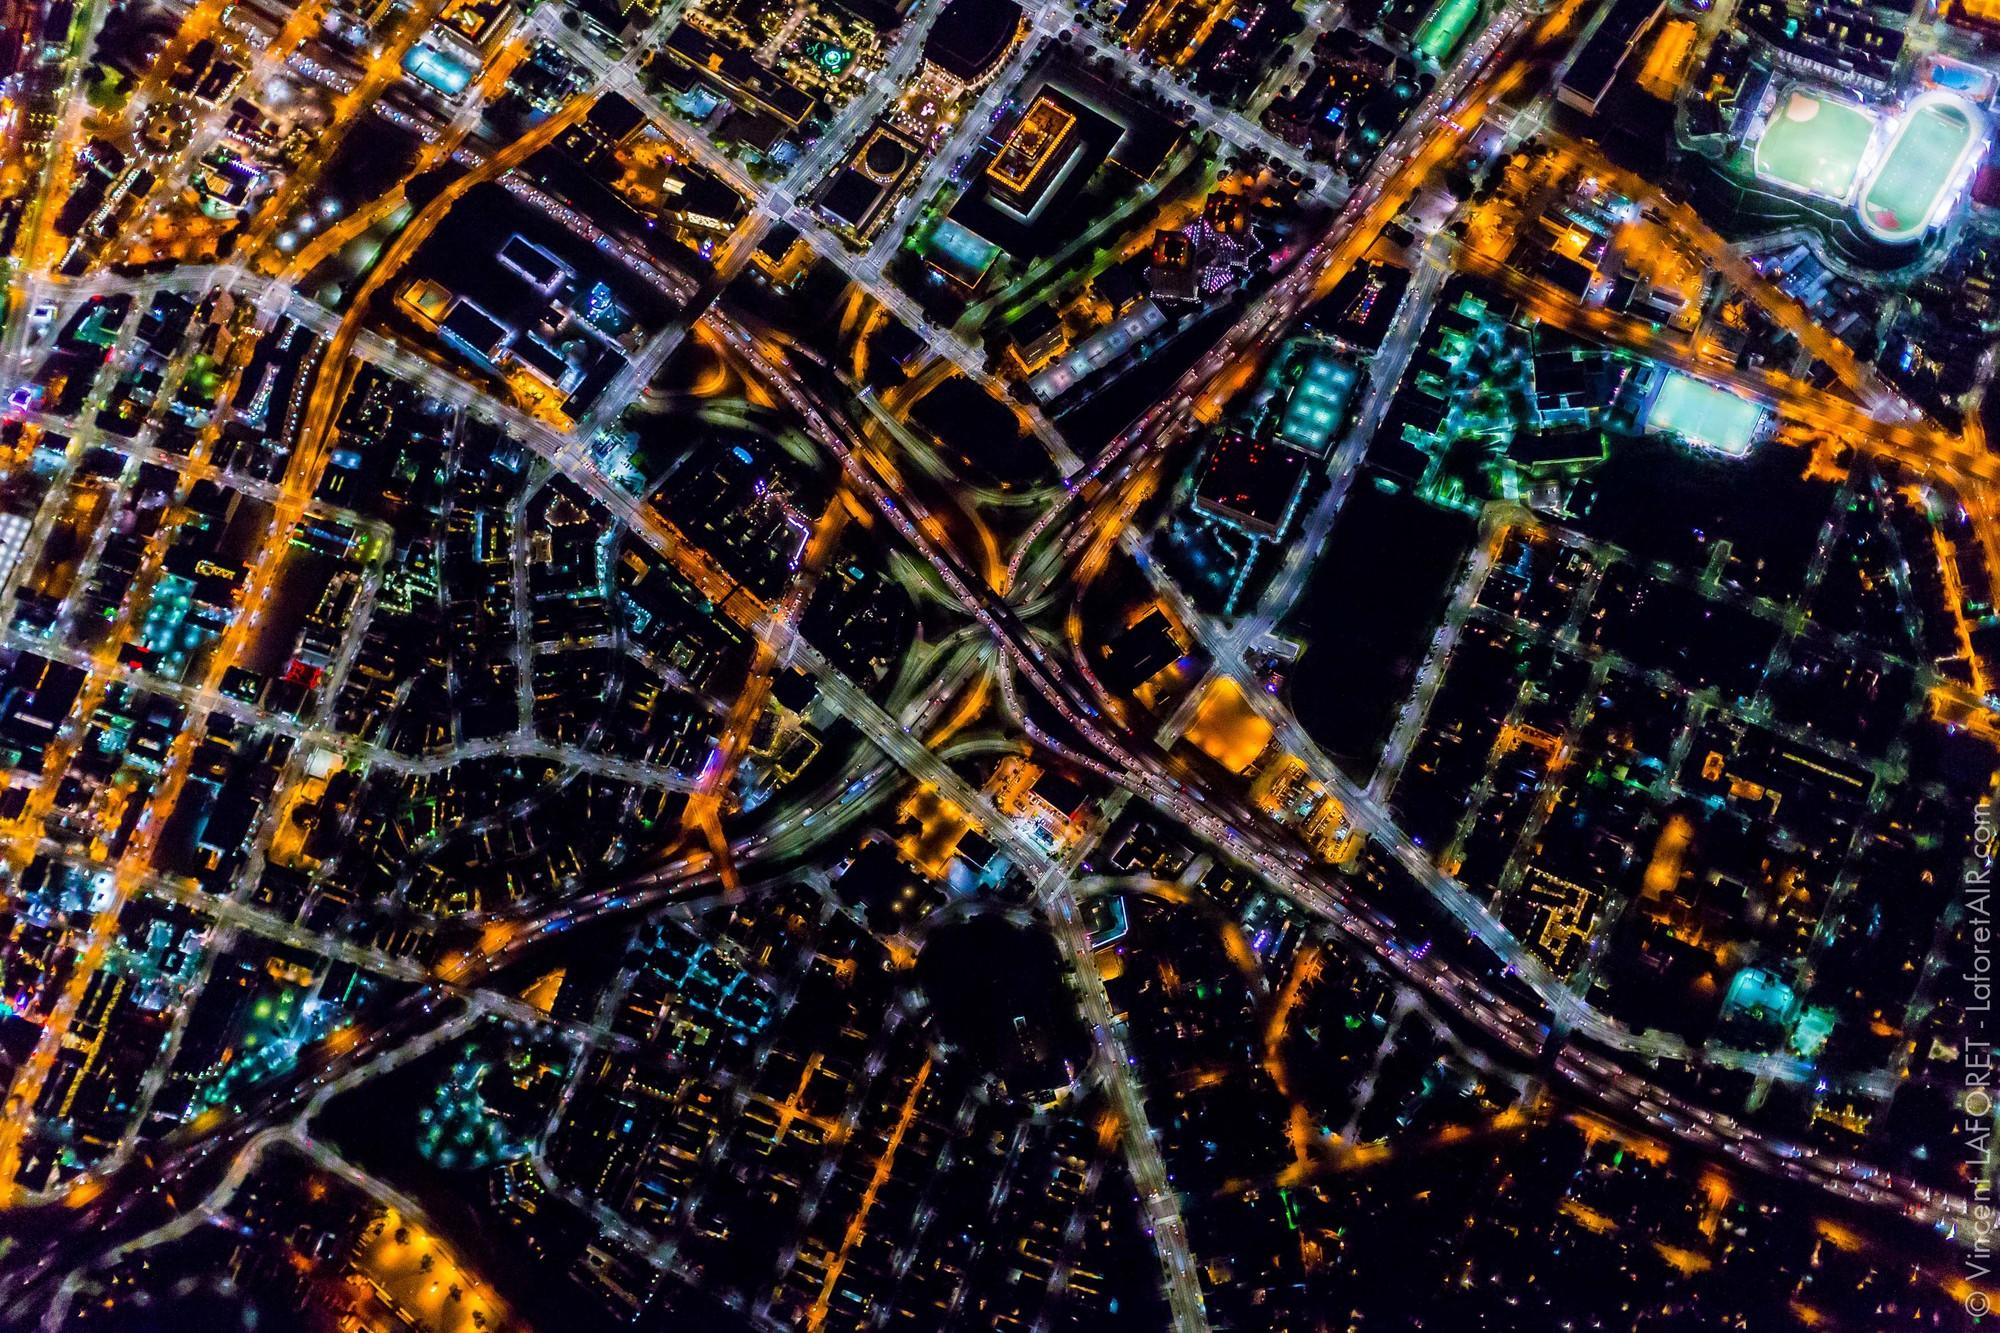 Vincent Laforet Photographs Los Angeles from 10,000 Feet, © Vincent Laforet